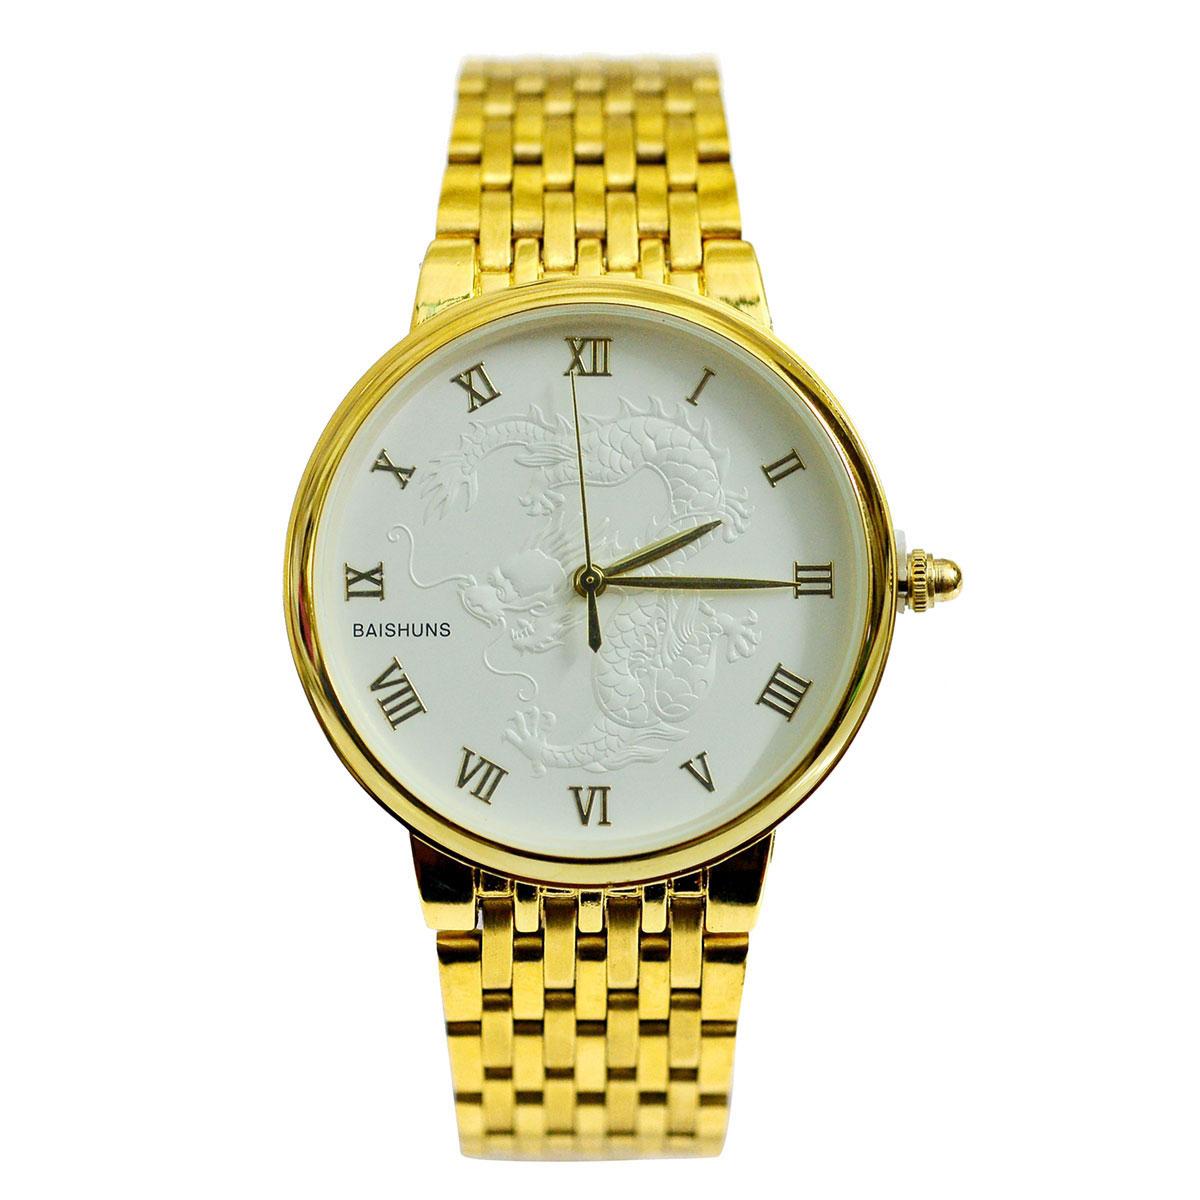 Đồng hồ nam dây thép mạ vàng mặt rồng BAISHUNS BAS11004 (Mặt trắng)